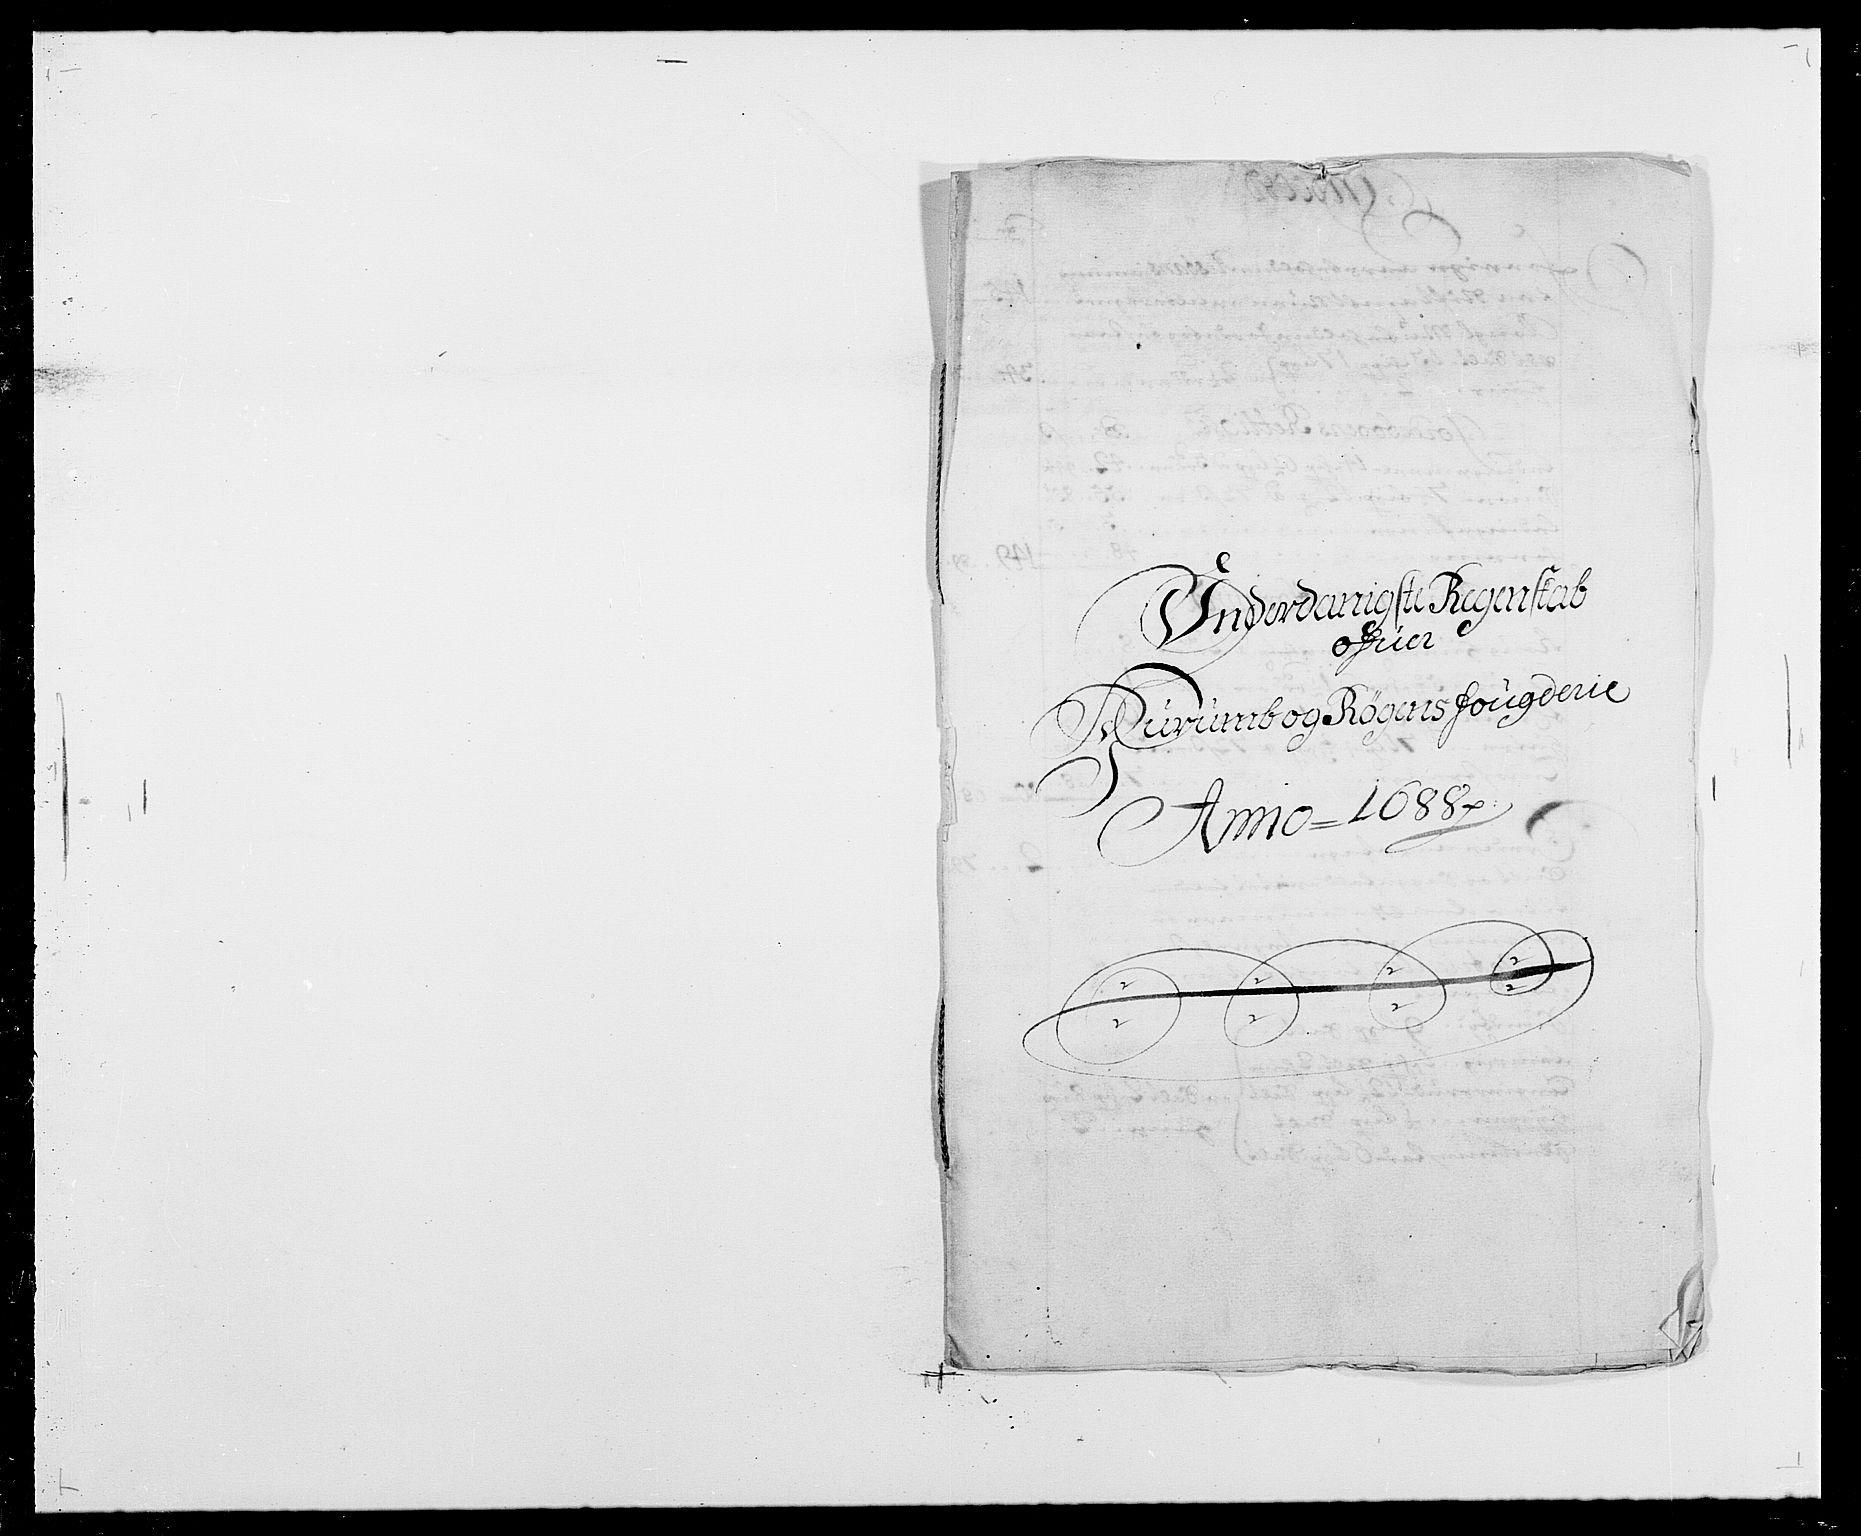 RA, Rentekammeret inntil 1814, Reviderte regnskaper, Fogderegnskap, R29/L1693: Fogderegnskap Hurum og Røyken, 1688-1693, s. 18